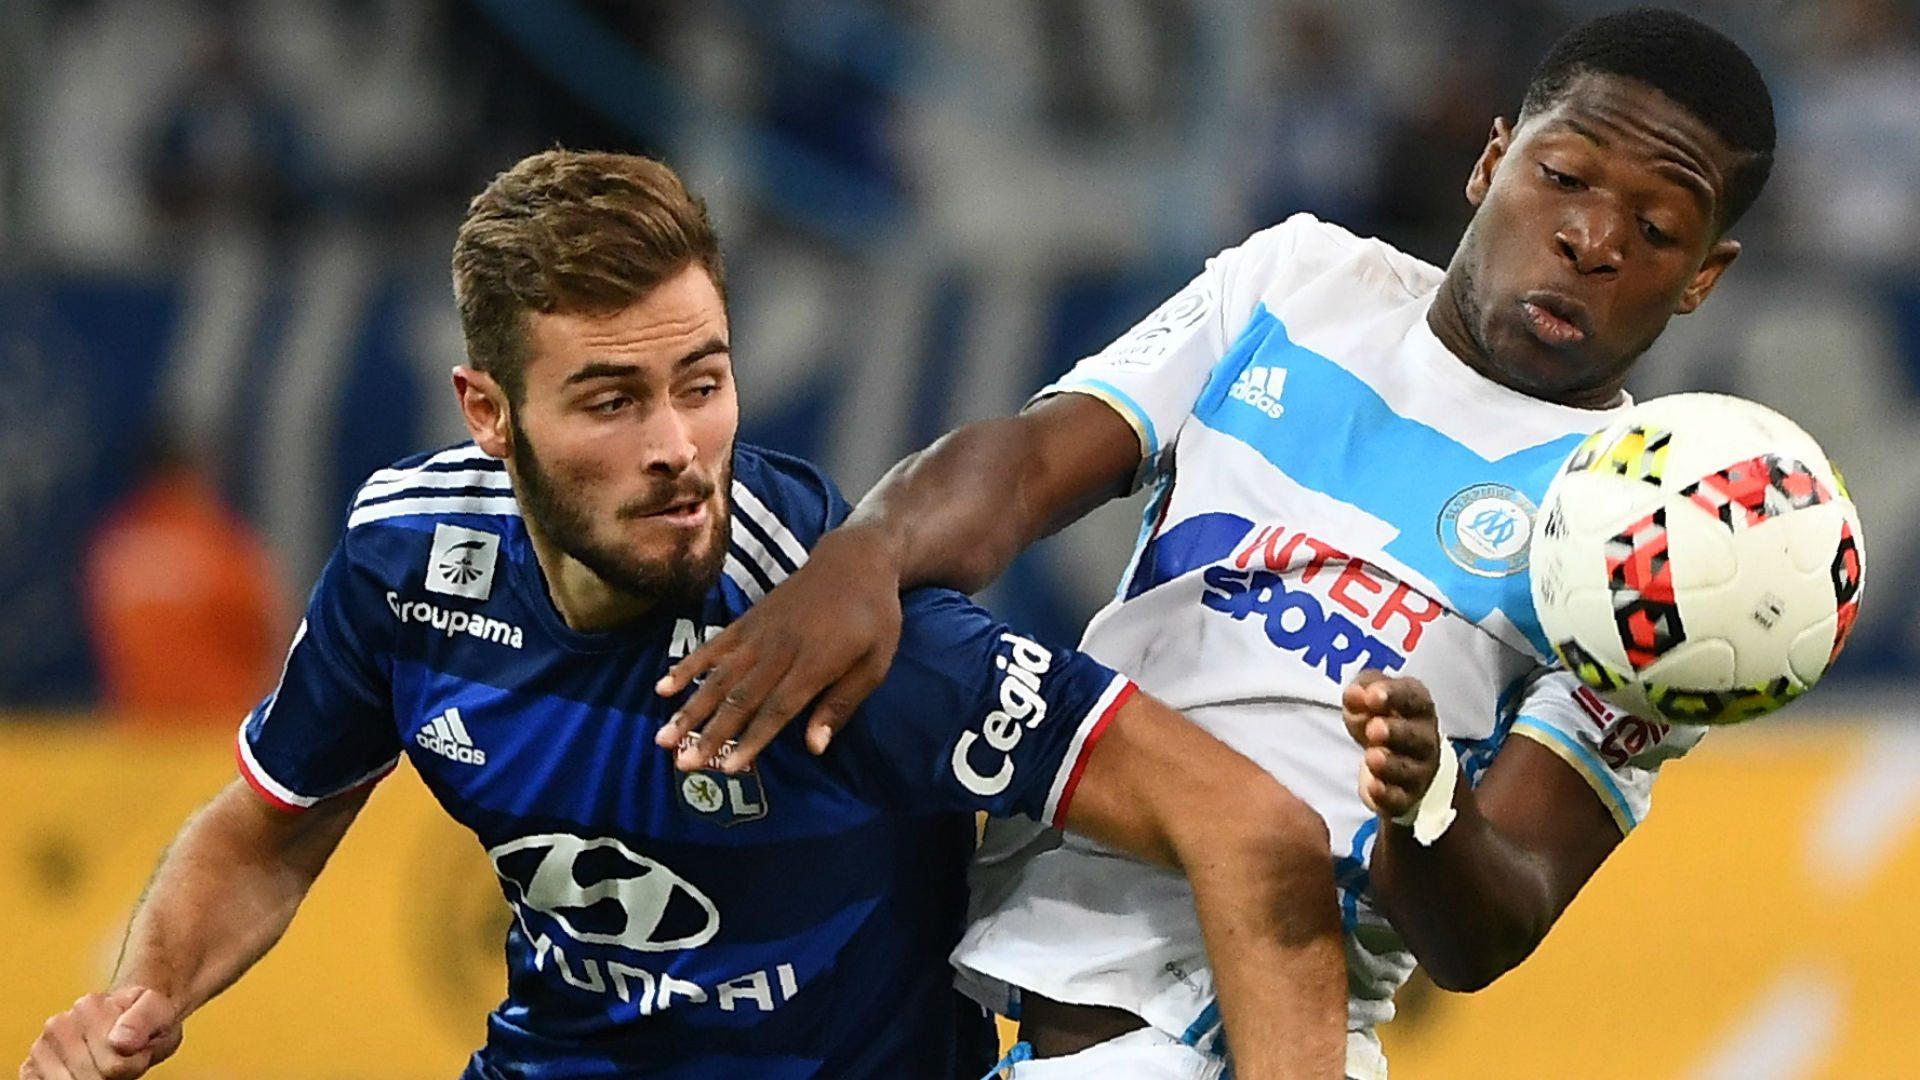 Lyon – Marseille: Toata lumea anticipeaza un meci spectaculos, insa noi pariem mai sigur dar si pe o cota de 4.25!